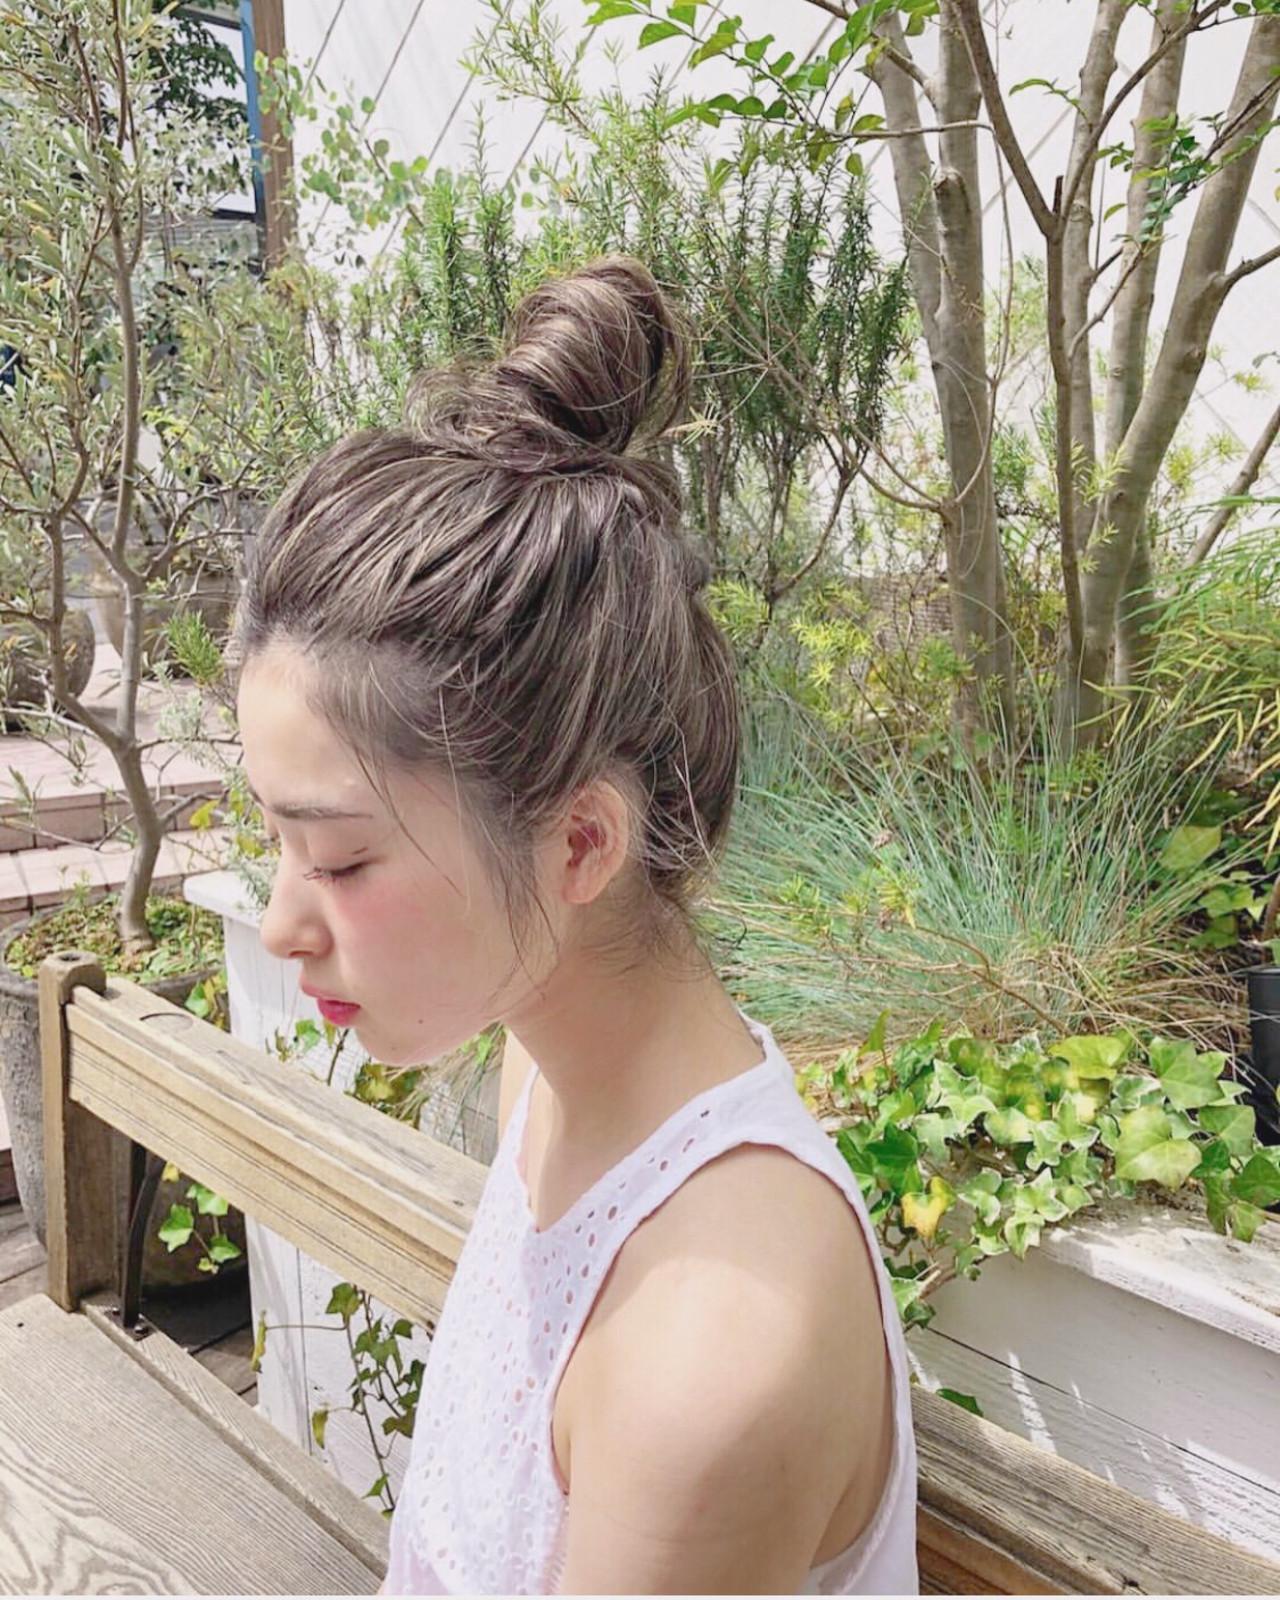 アウトドア スポーツ ロング 簡単ヘアアレンジ ヘアスタイルや髪型の写真・画像 | 宇野智祐 / Lano